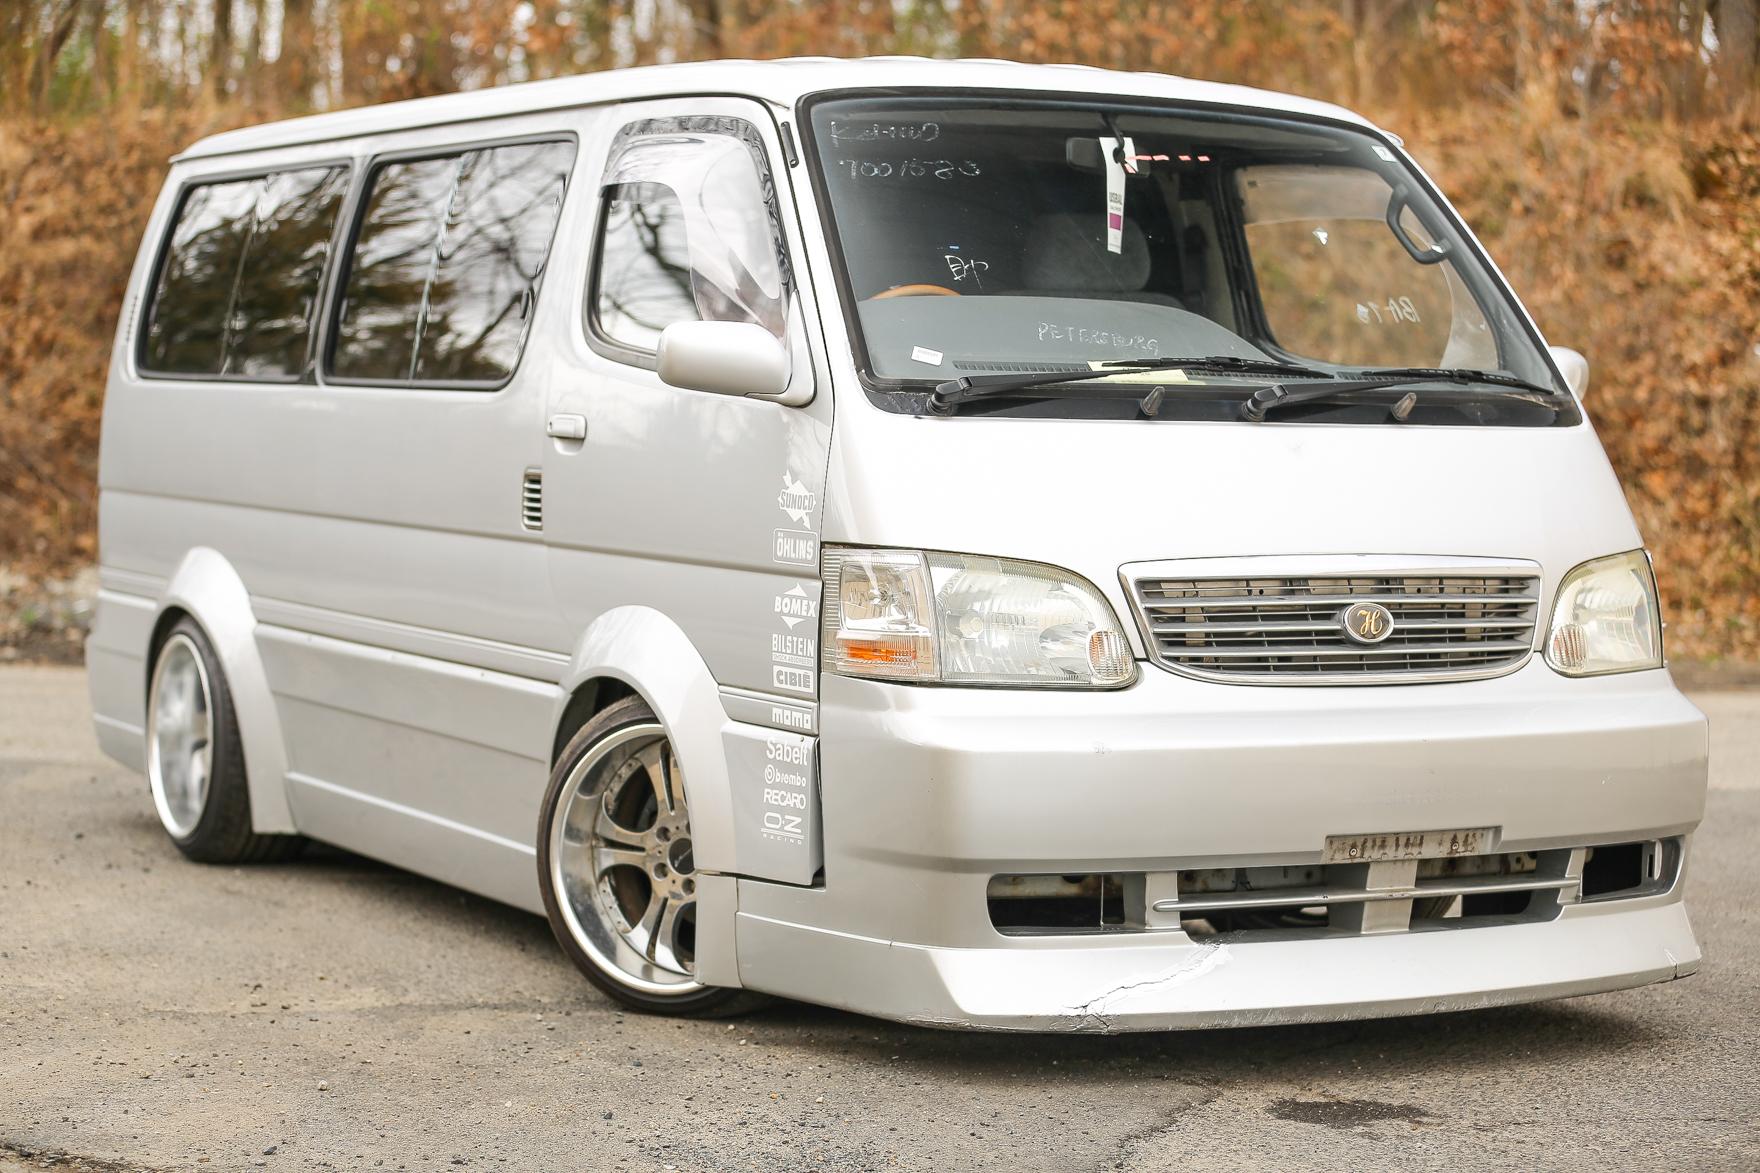 1996 Toyota Hiace Van - $15,500